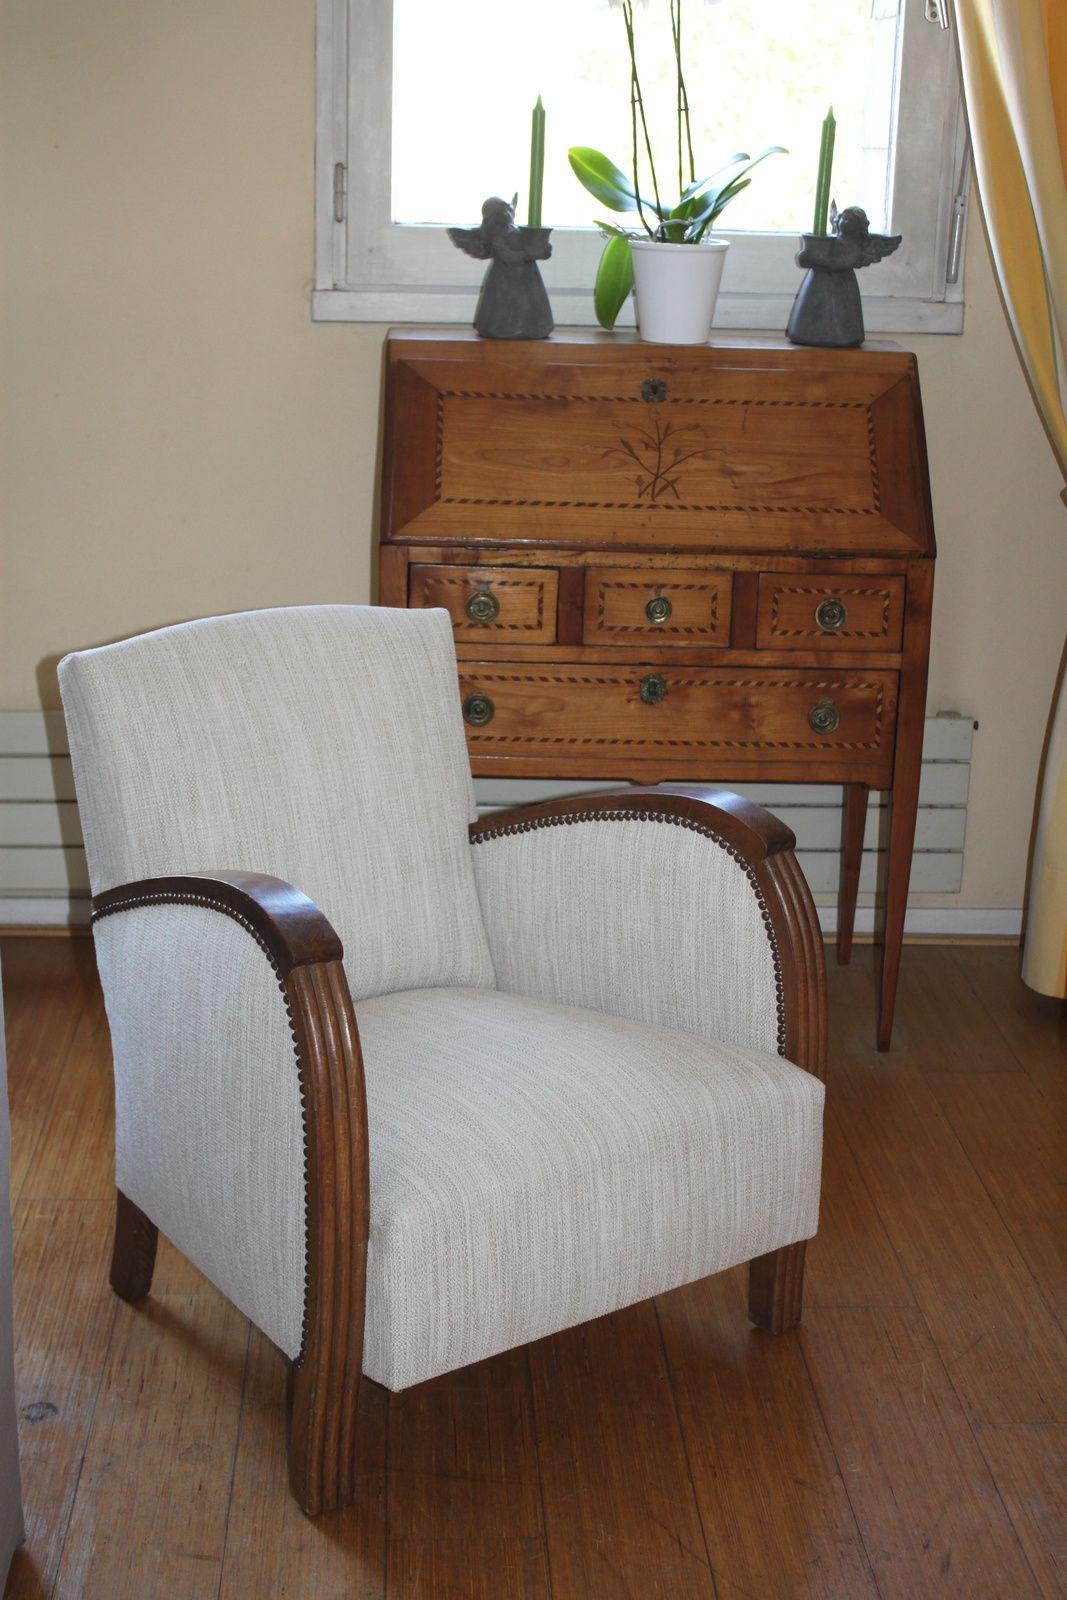 Mon Tit Bricolage Et DIY Pinterest Fauteuils Chaises Et - Formation decorateur interieur avec tapisser fauteuil crapaud